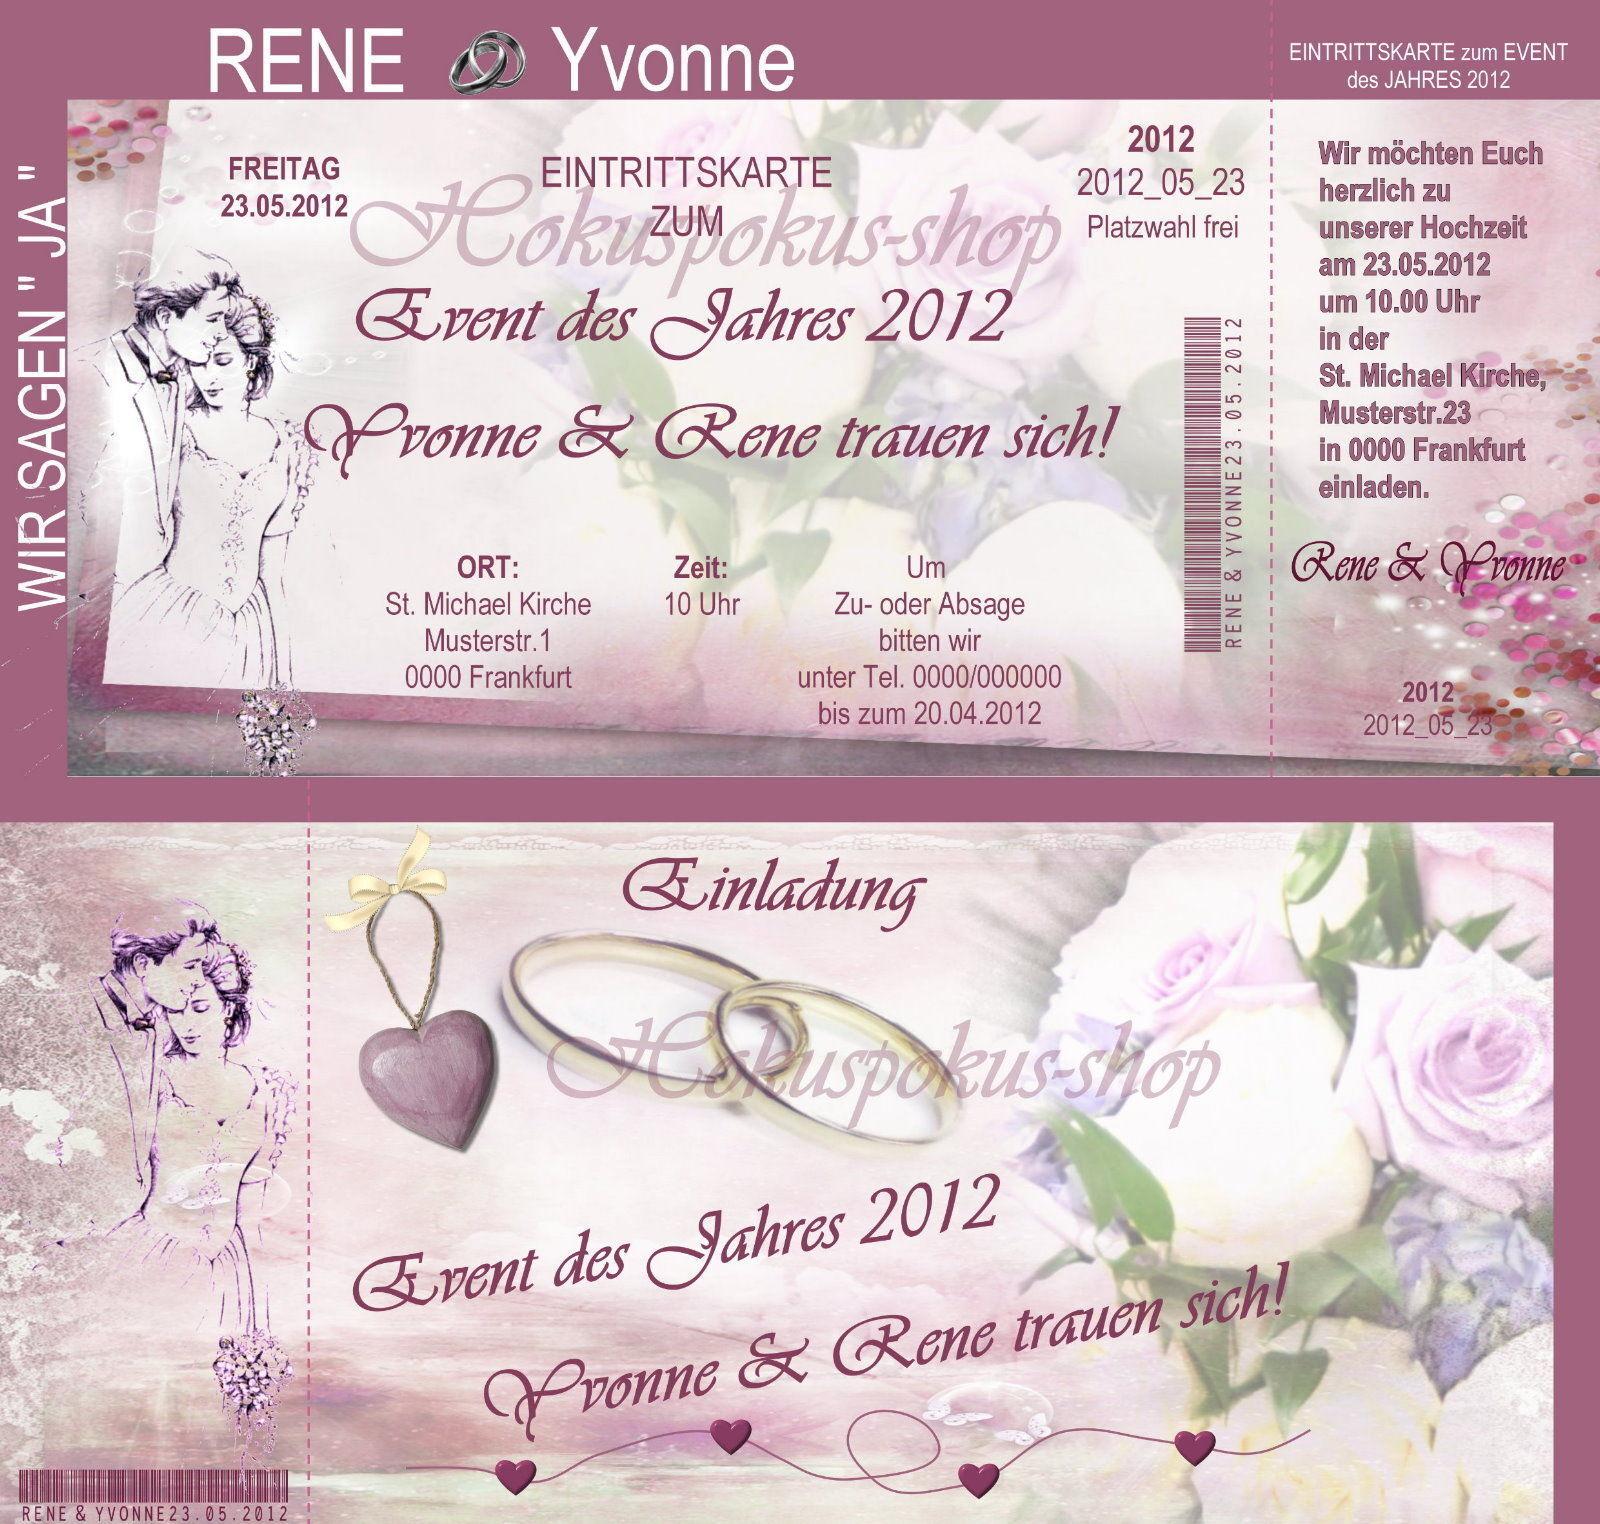 Stabile Einladungskarten m. Abriss Hochzeit Einladungen Eintrittskarten 2seitig